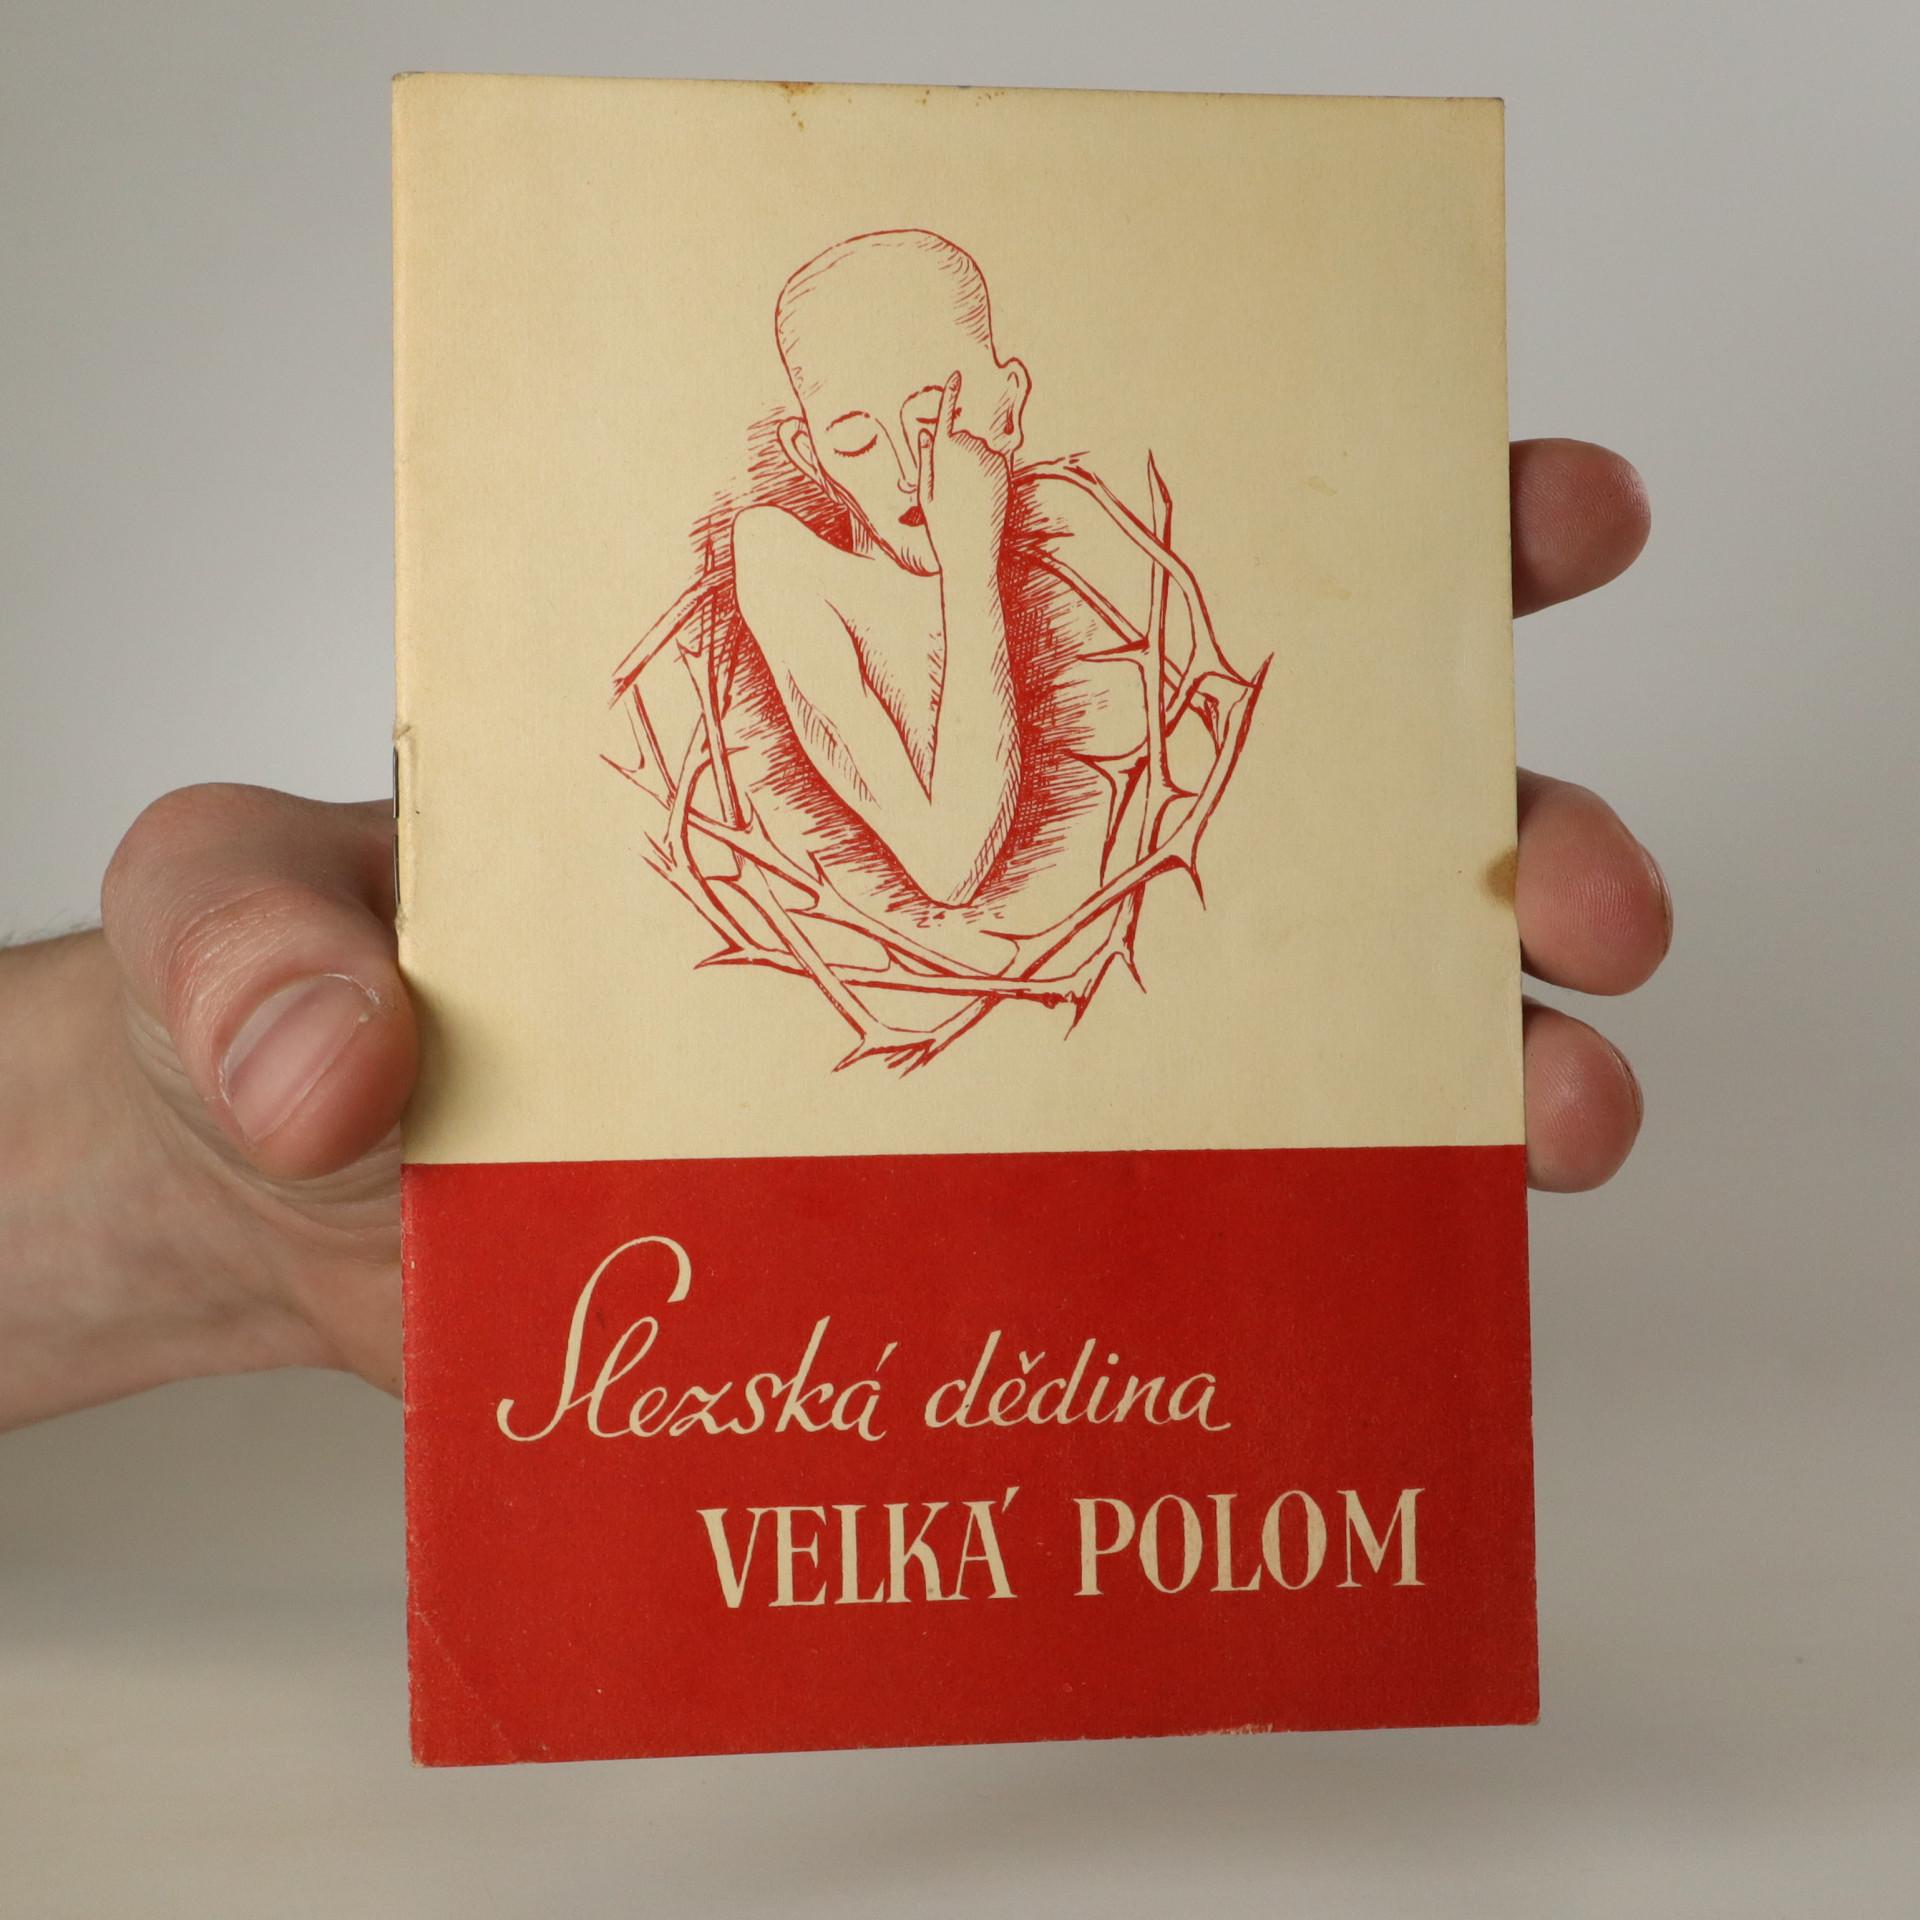 antikvární kniha Slezská dědina Velká Polom, 1947